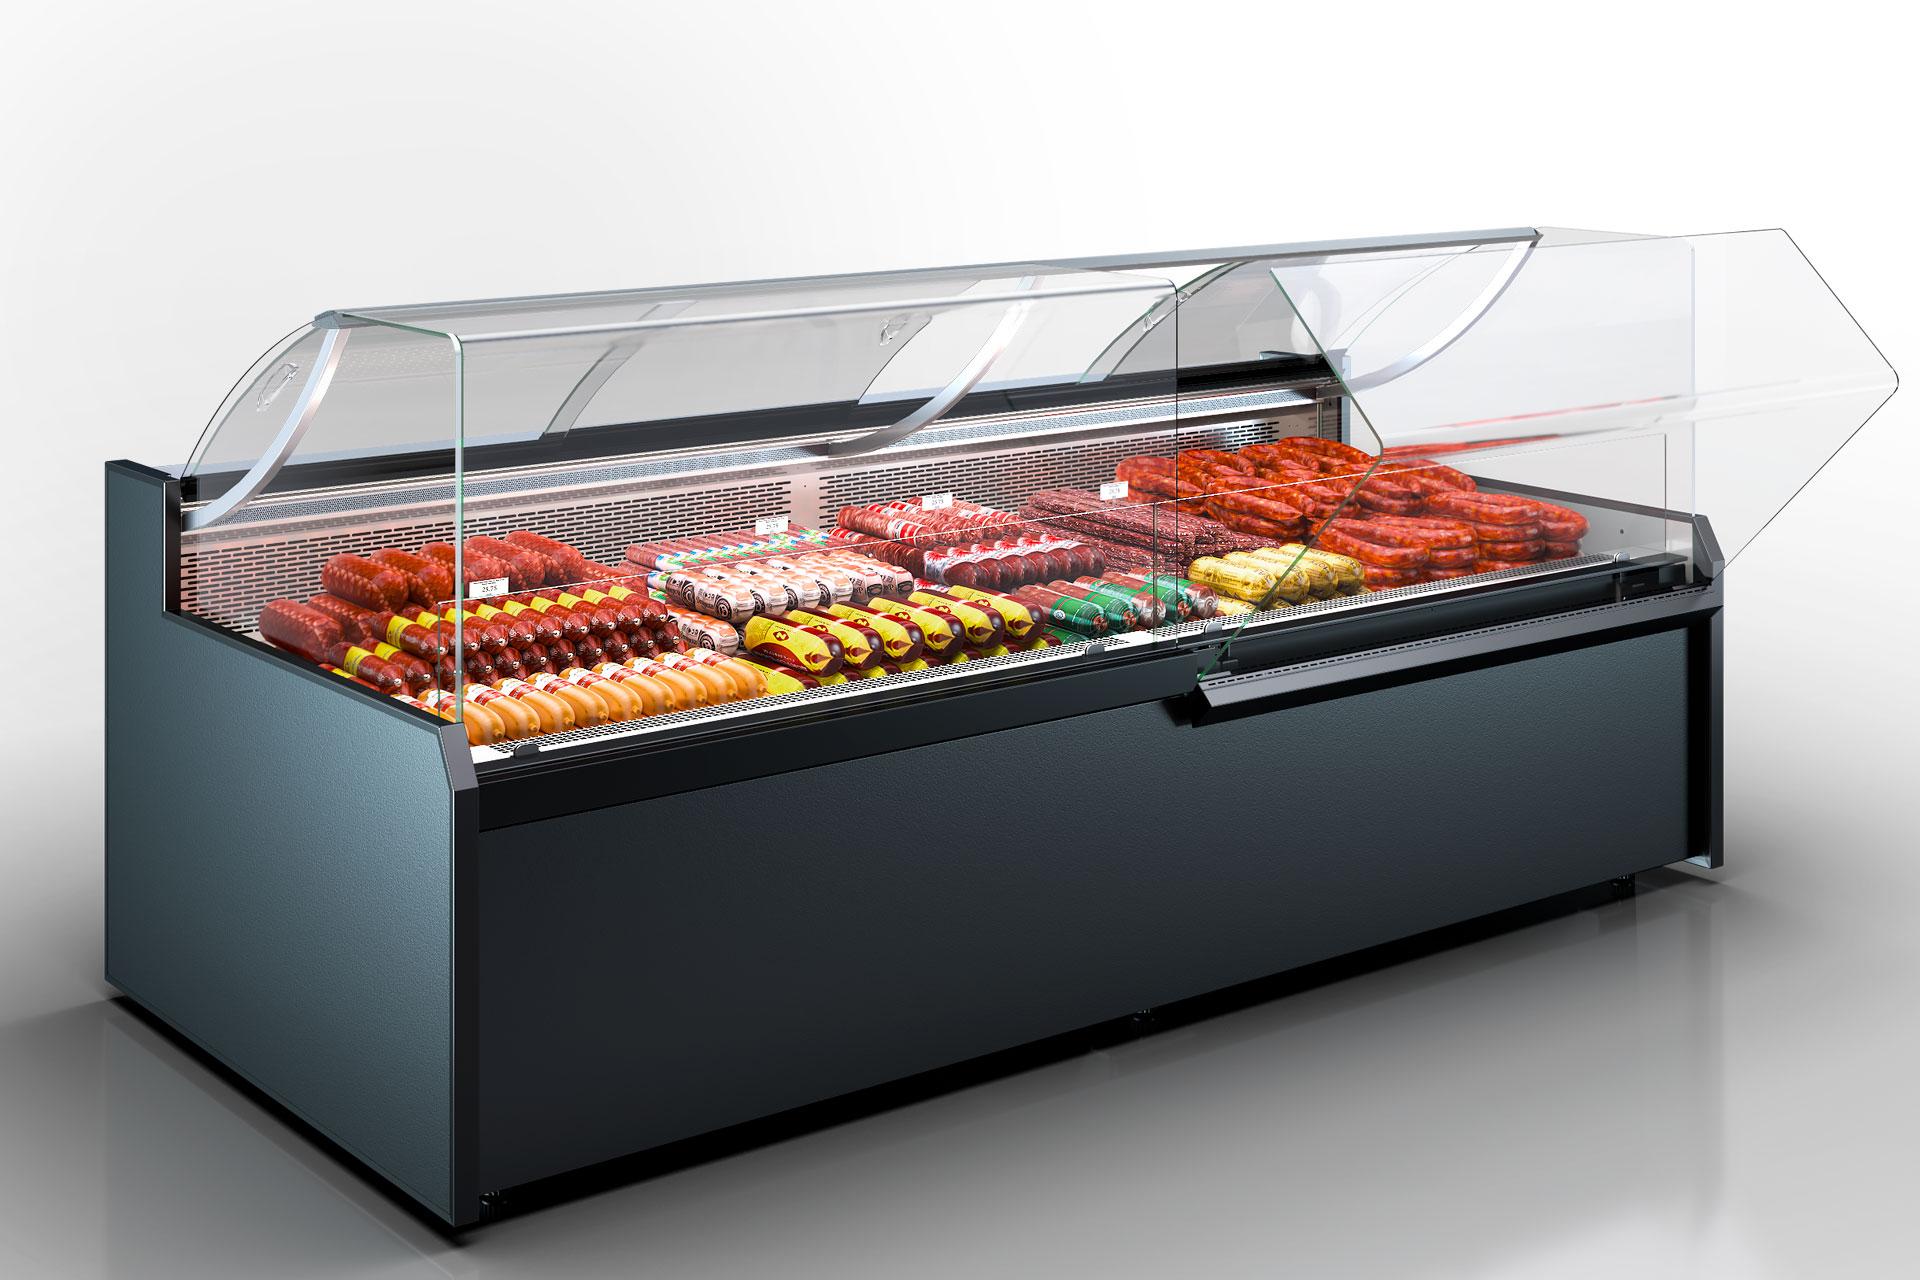 Холодильна вітрина Missouri MC 120 deli OS 130-DBM (option)